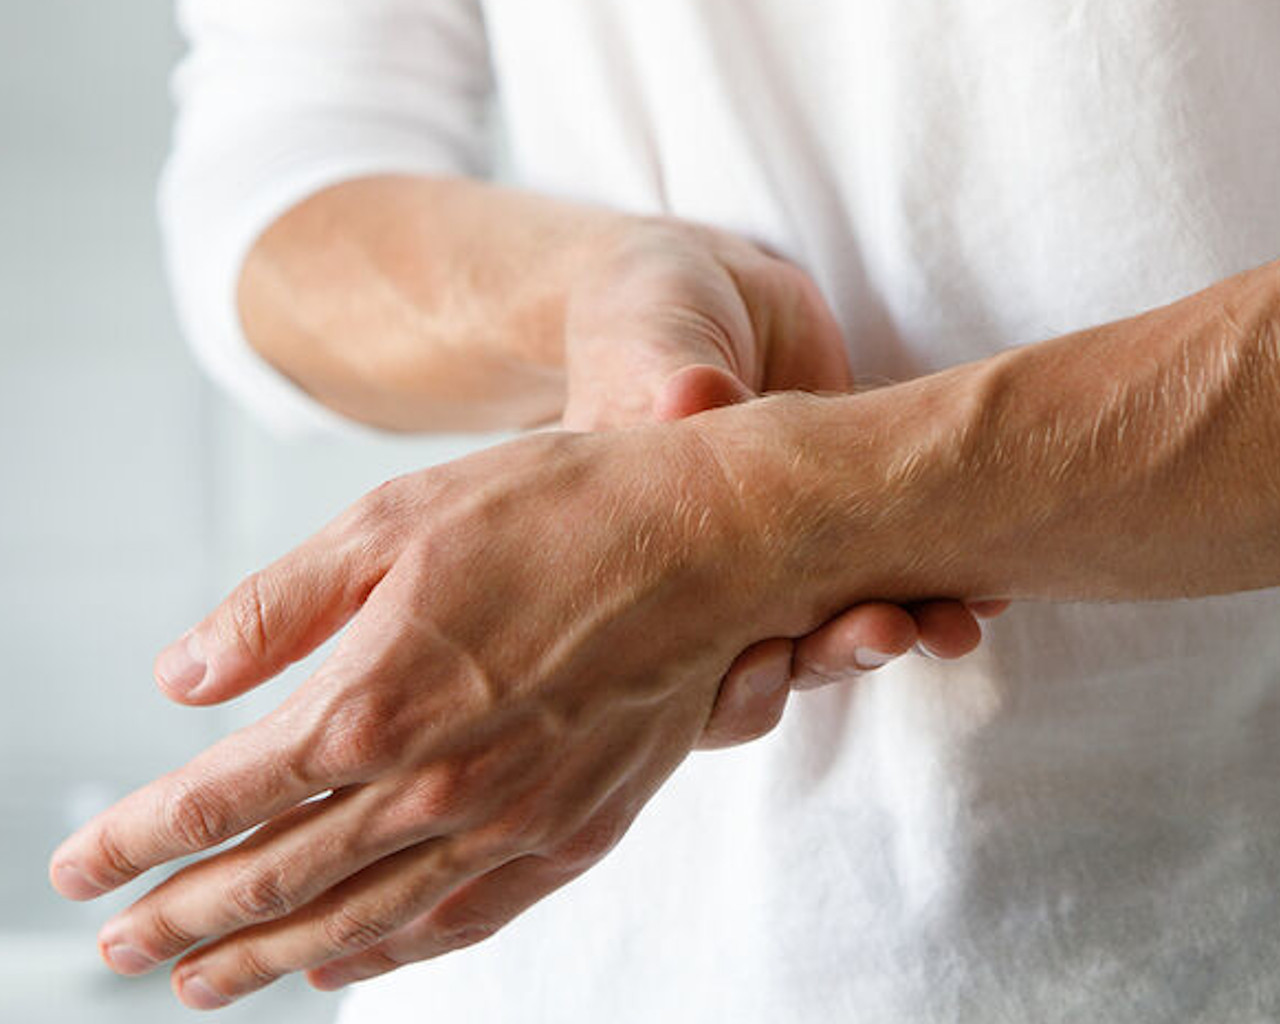 Αρθρίτιδα: Η νούμερο ένα μάστιγα στις γυναίκες-Μάθε πως να την αντιμετωπίσεις με φυσικούς τρόπους!